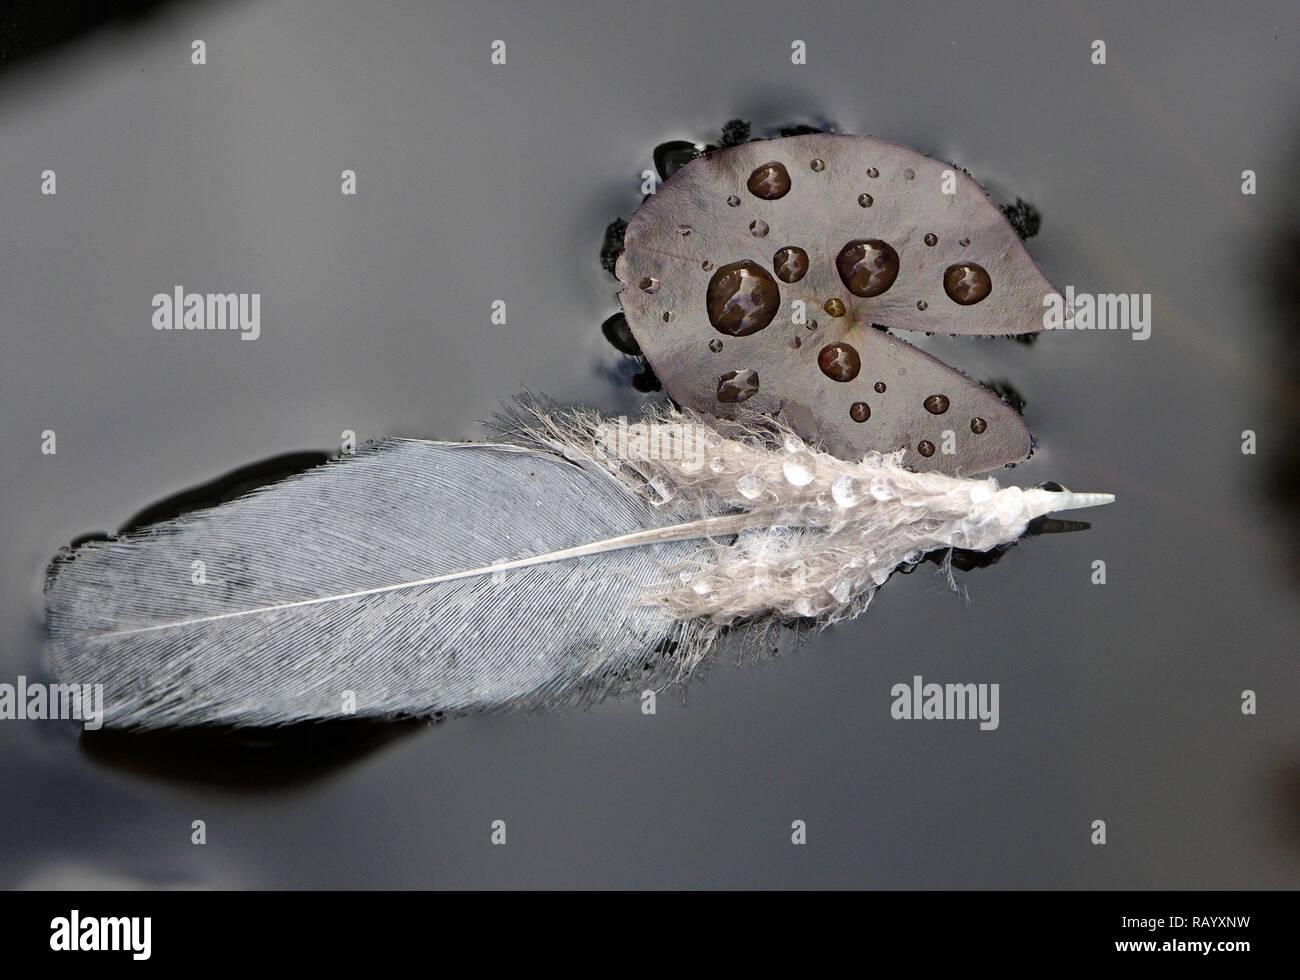 Image monochrome de plumes gris flottant sur surface de lilypond avec les gouttelettes d'eau sur la surface d'un nénuphar miniature Cumbria, Angleterre, Royaume-Uni Photo Stock